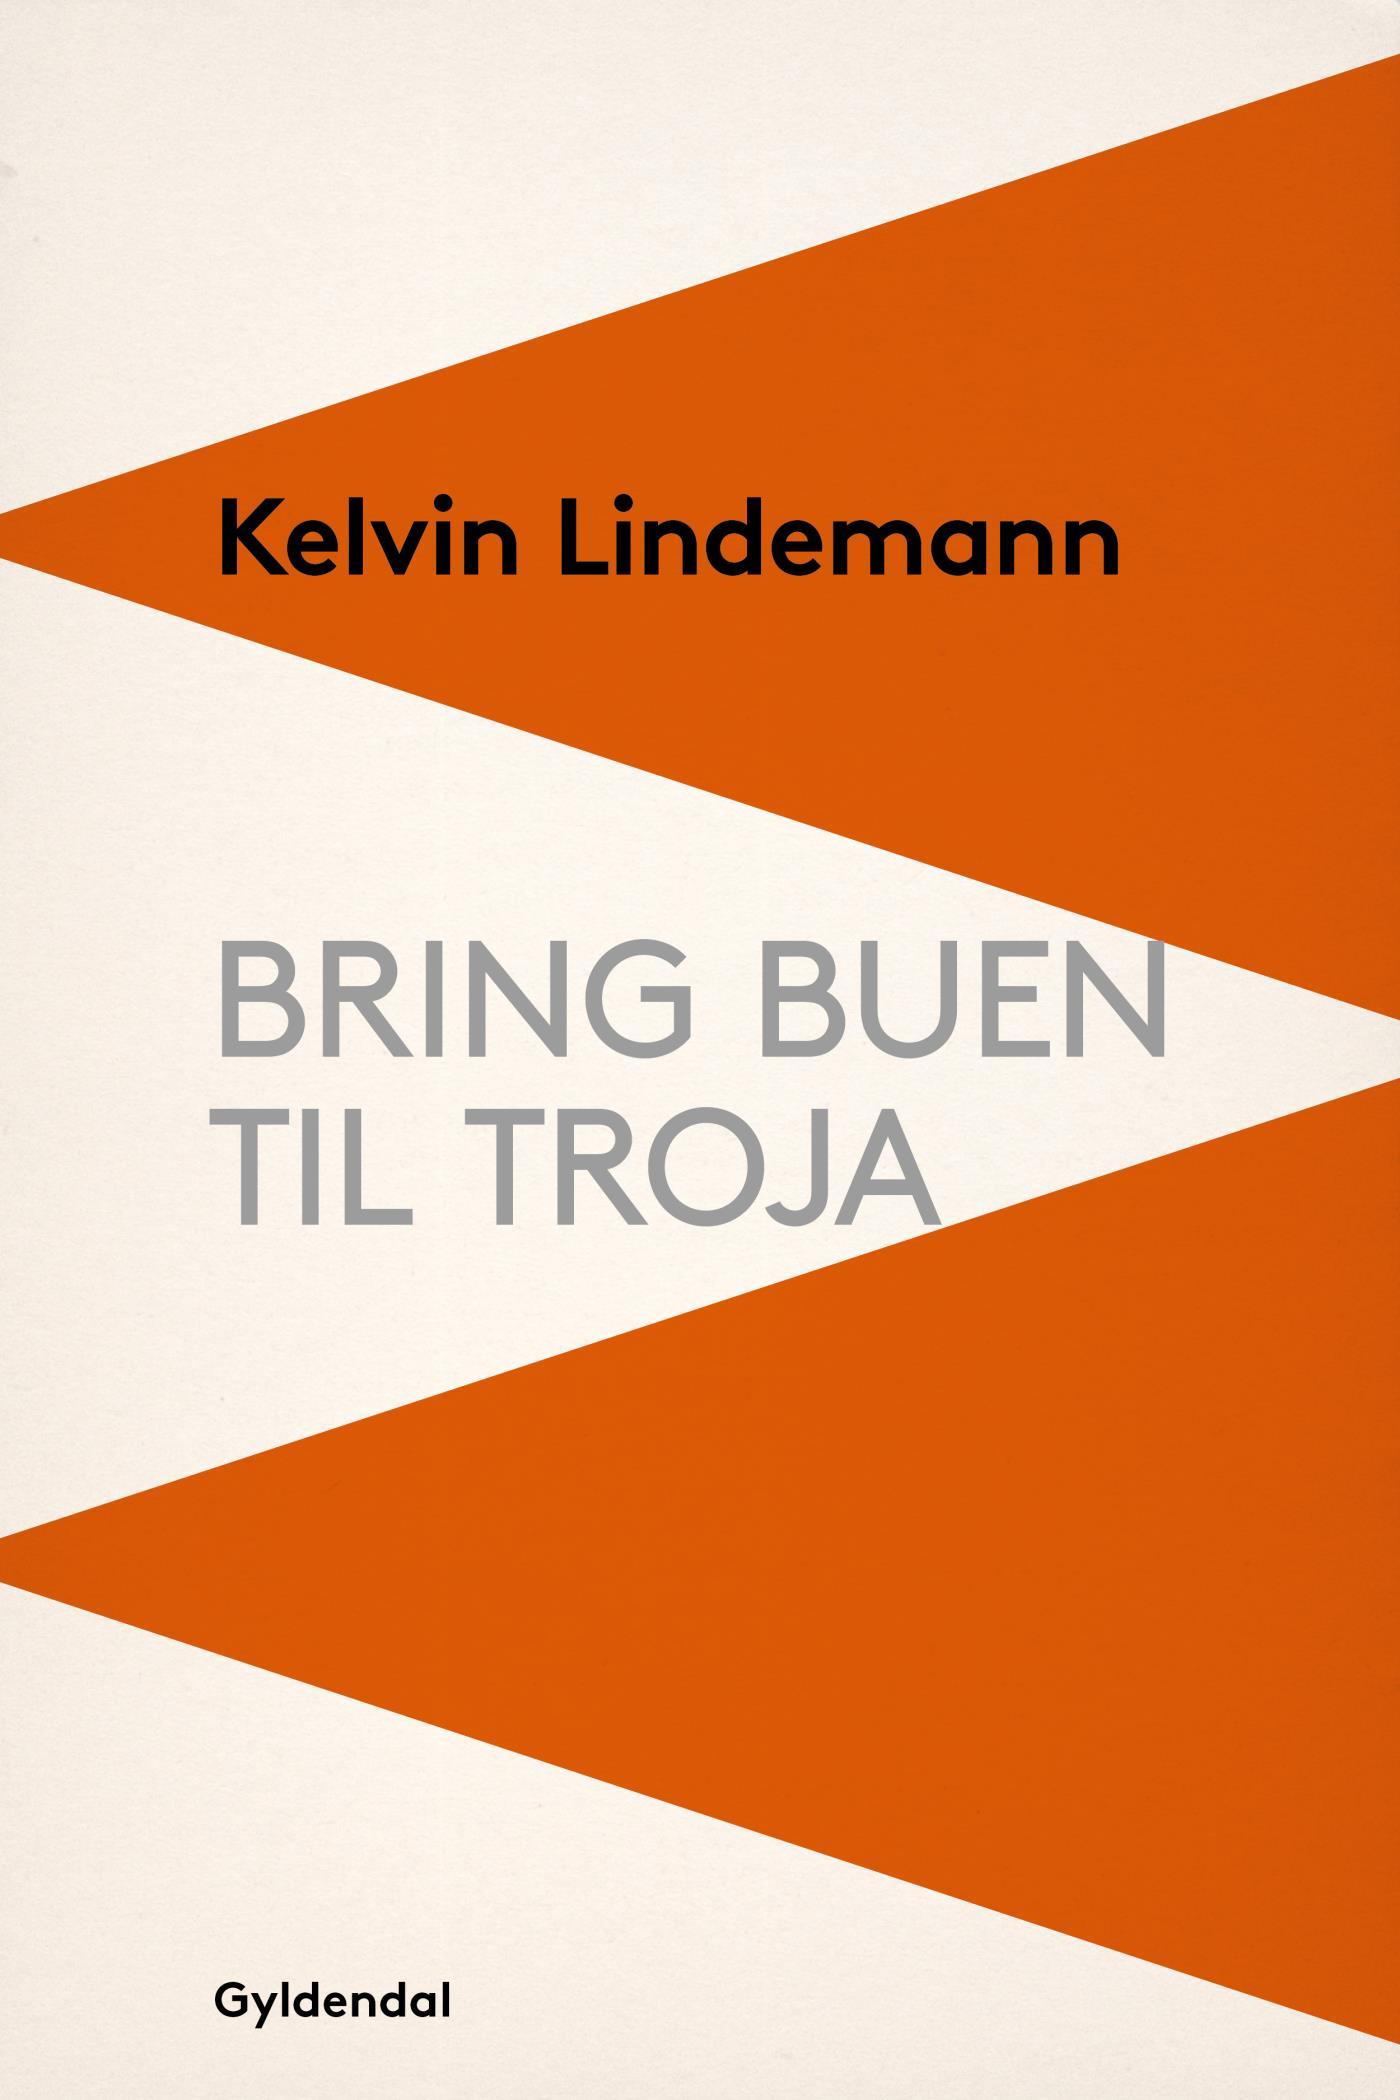 Bring buen til troja - e-bog fra N/A på bog & mystik